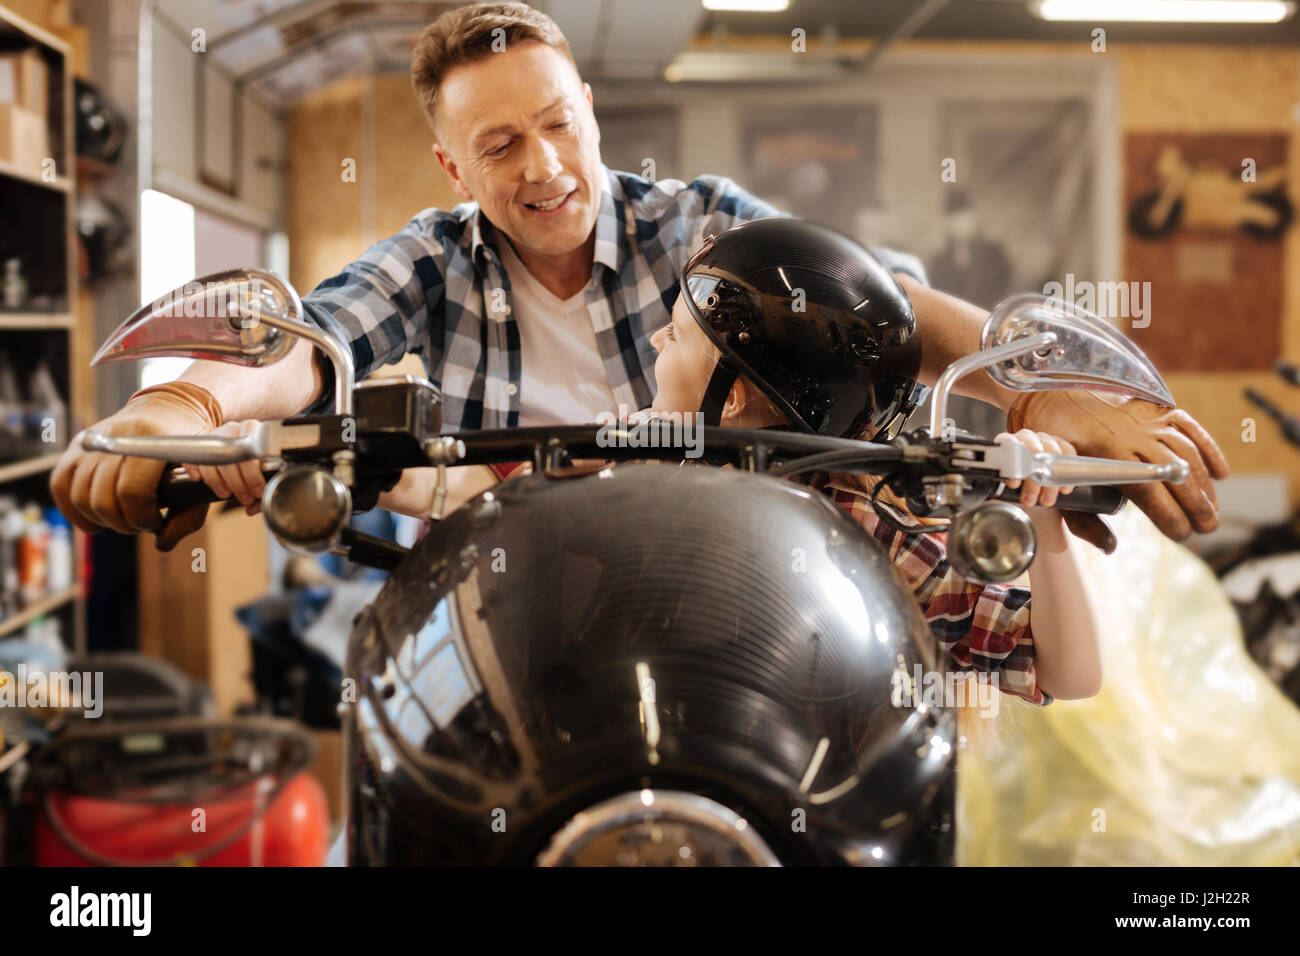 Avventuroso famiglia incantevole fingendo di essere in sella a una moto Immagini Stock